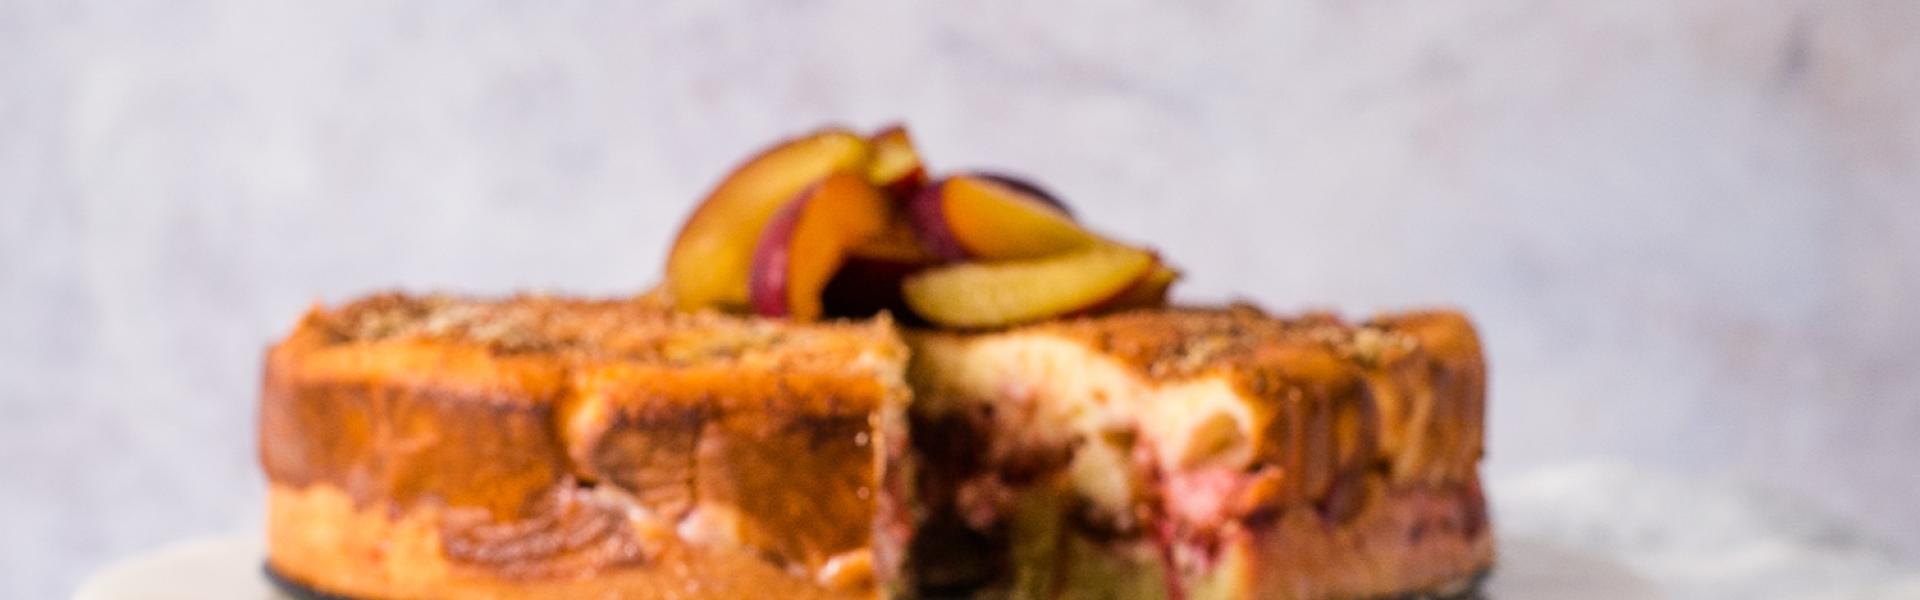 Zwetschgen-Quark-Kuchen angeschnitten auf einer Etagere. Ein Stück liegt auf einem Kuchenteller davor.